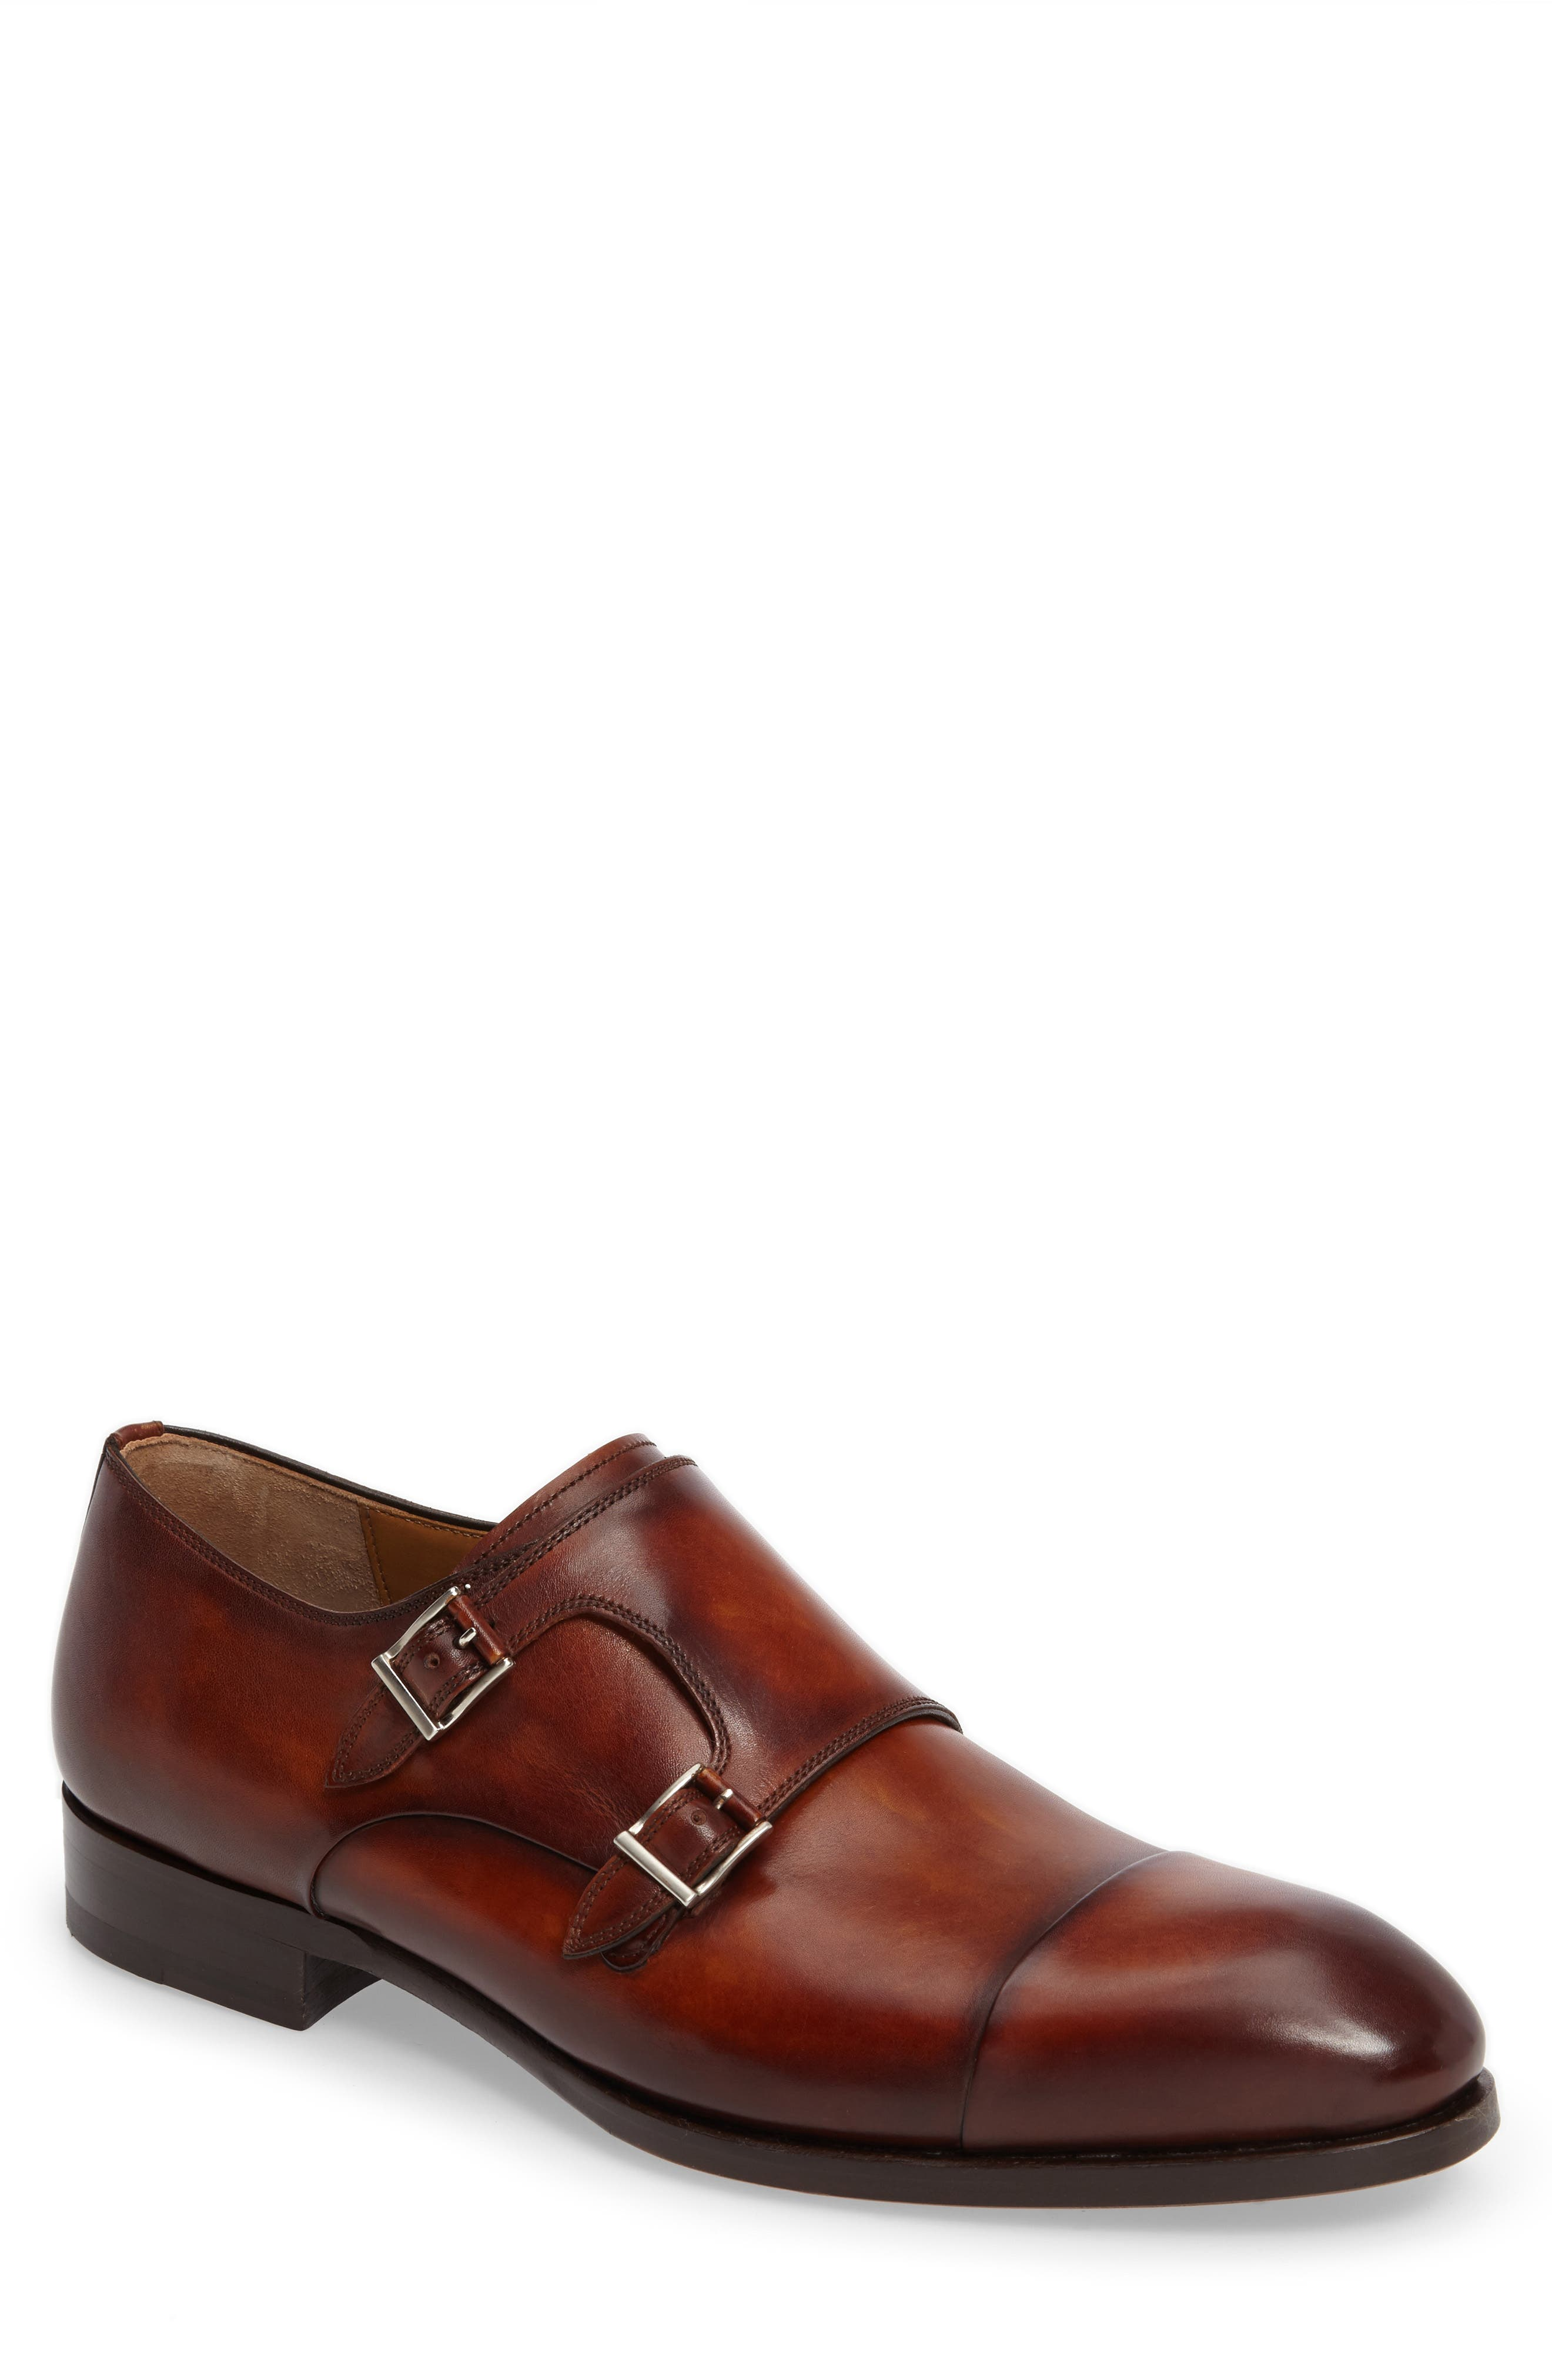 Louie Double Monk Strap Shoe,                         Main,                         color, COGNAC LEATHER